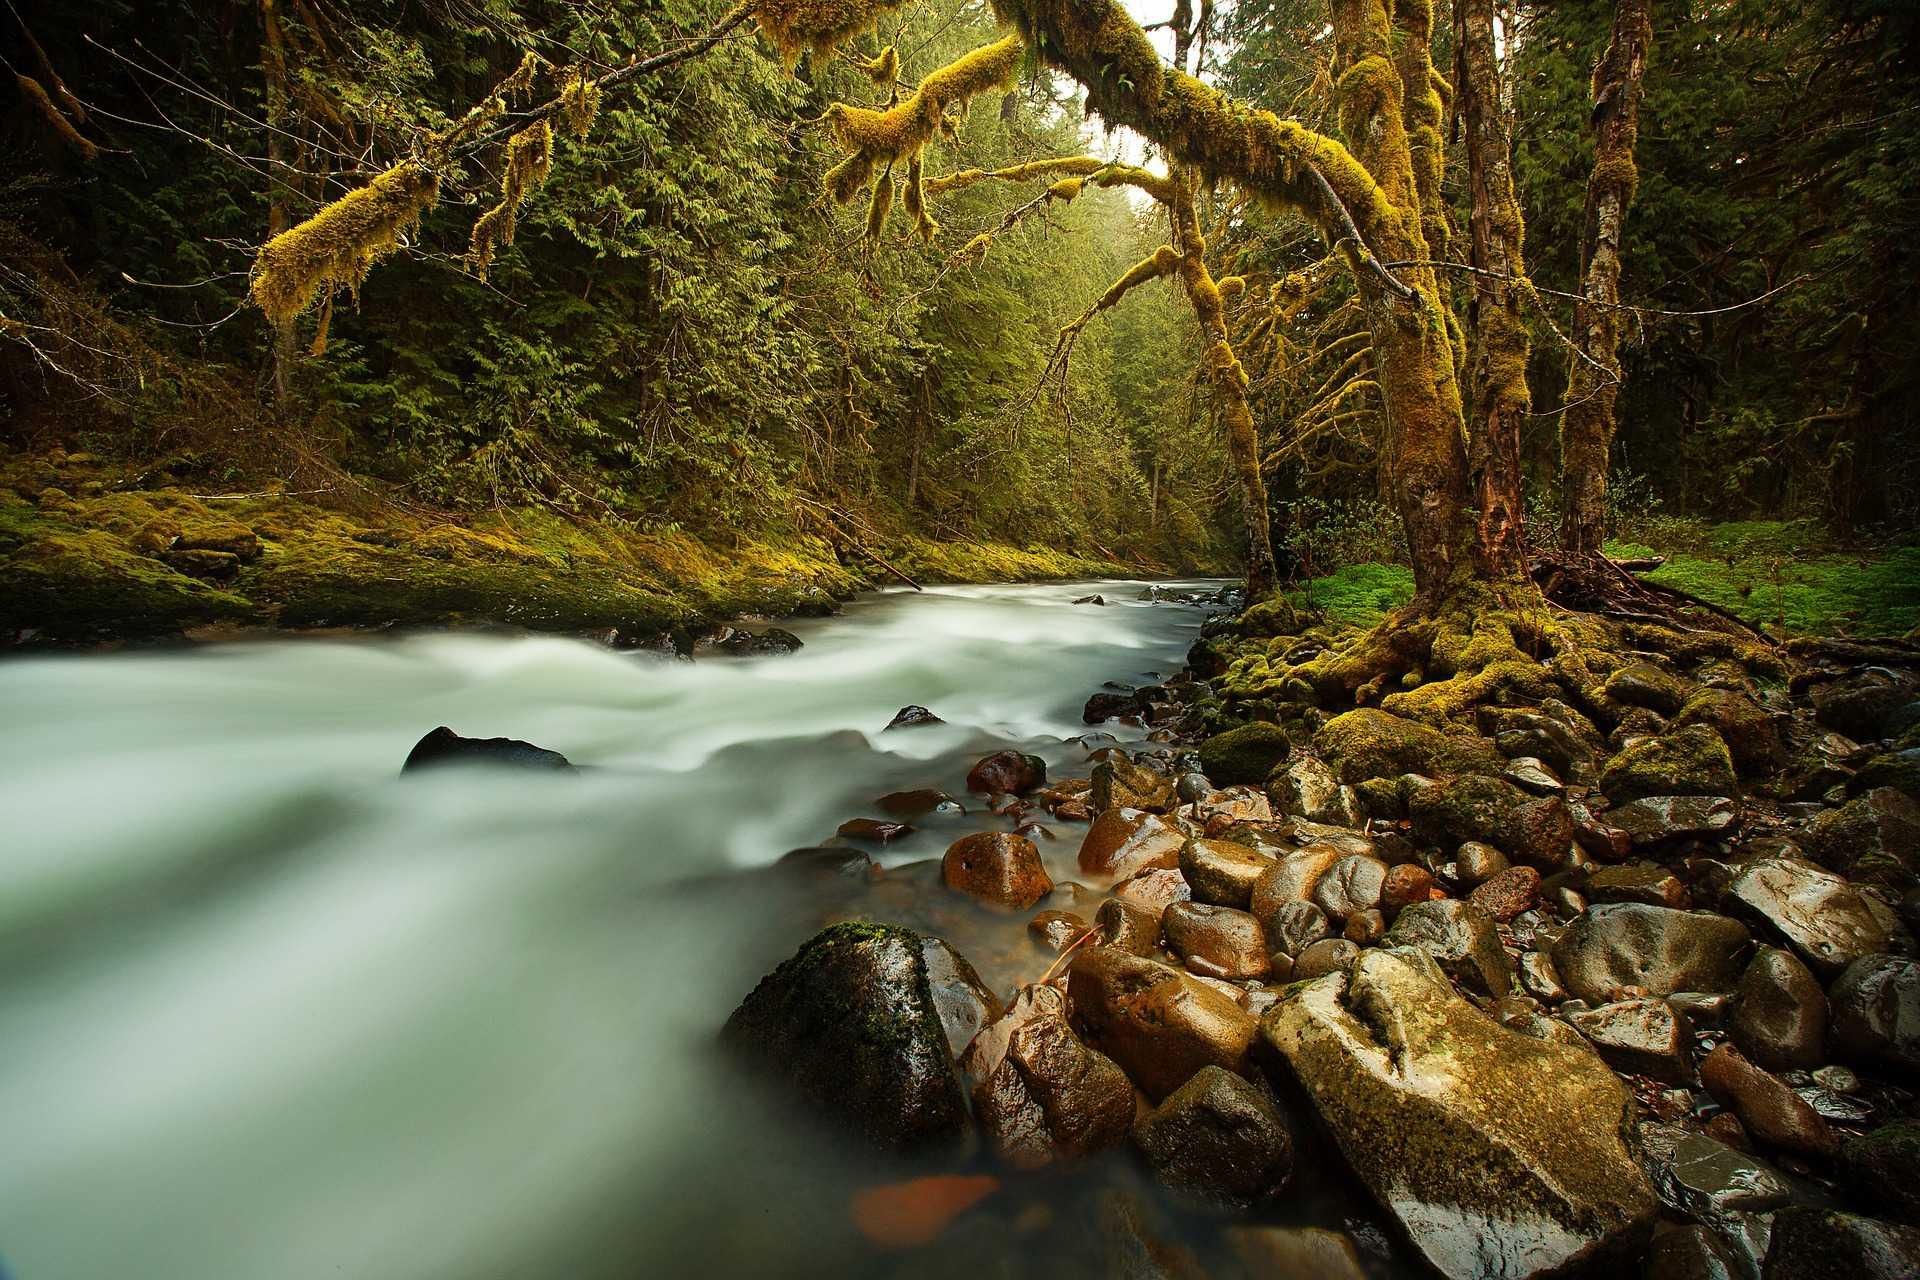 מכללת כרכור | להיות נהר, טל פנר משתף בחוויות וכוח הריפוי של הטבע